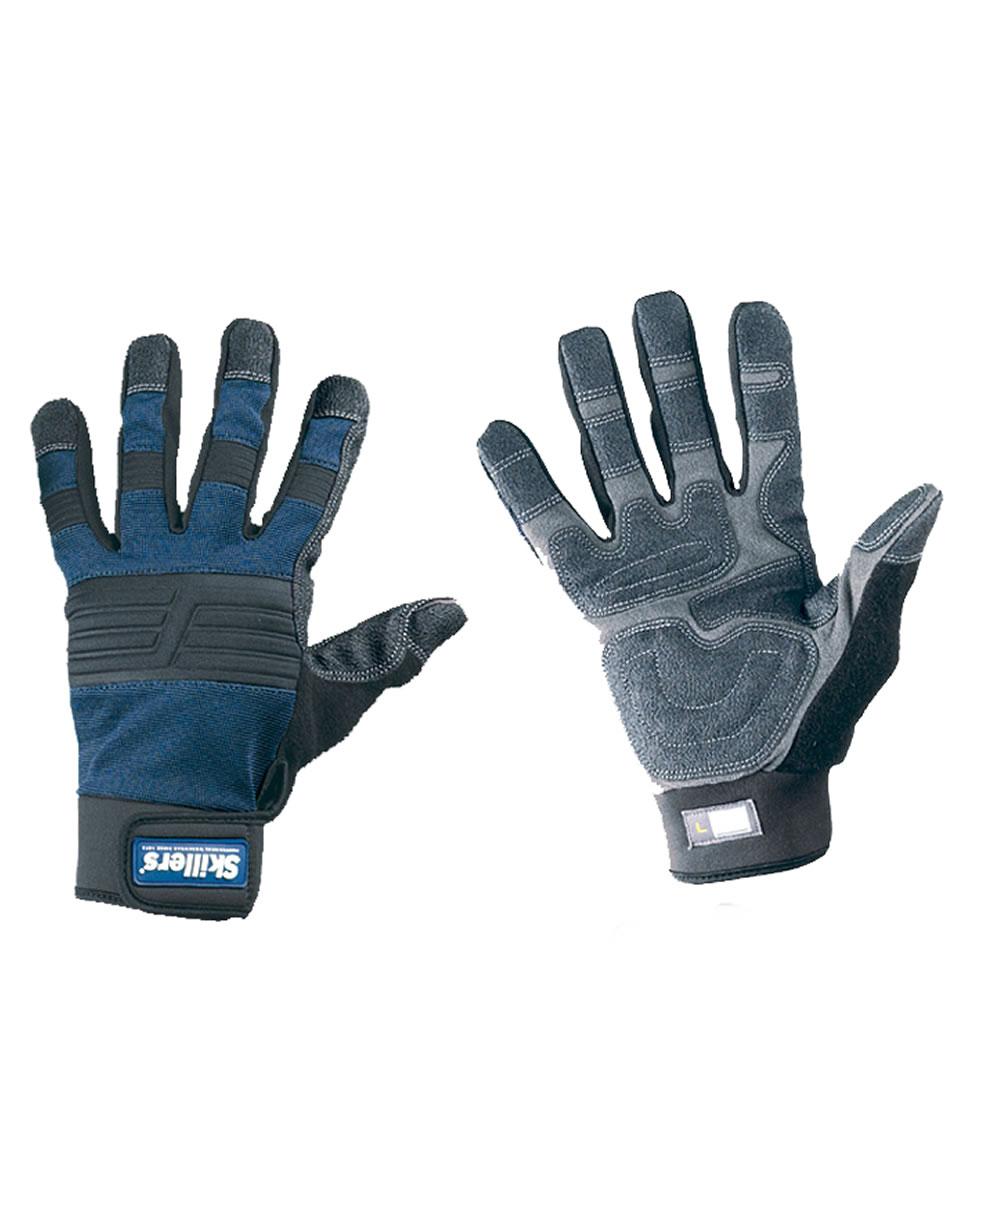 Skillers Craftsmans Full Grip Gloves